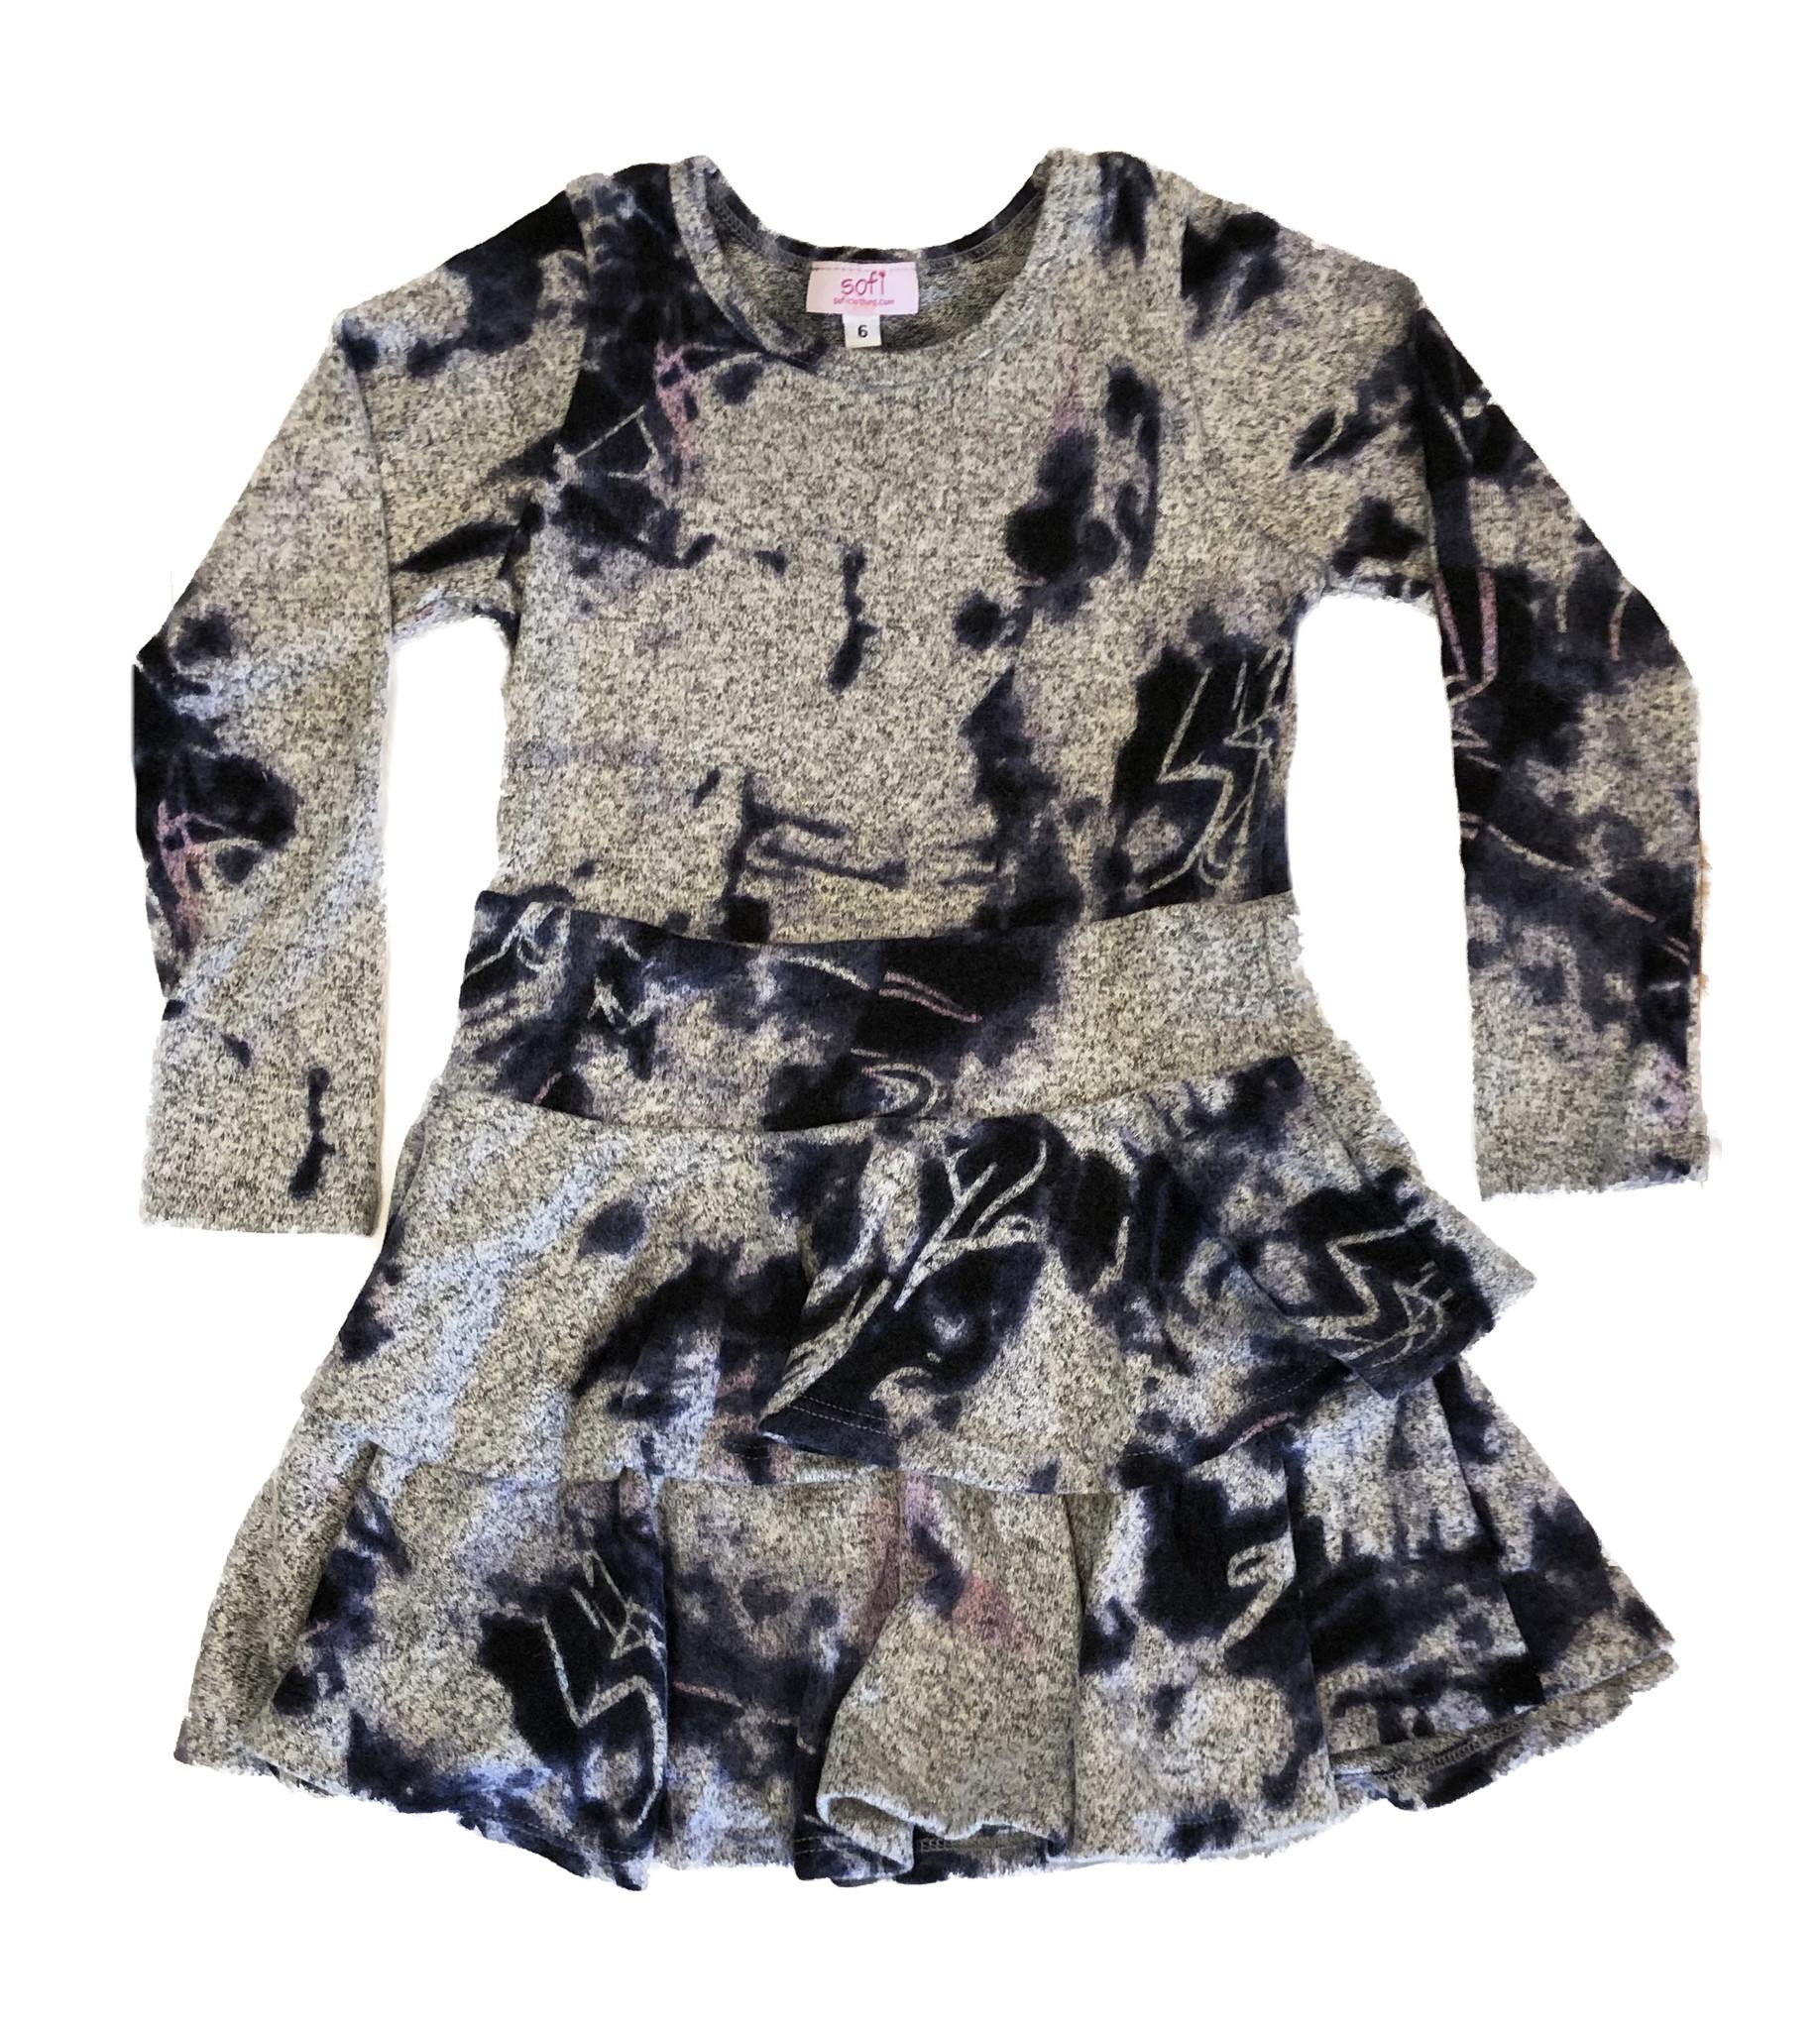 Sofi Navy/Grey Hacci 2 Tier Dress